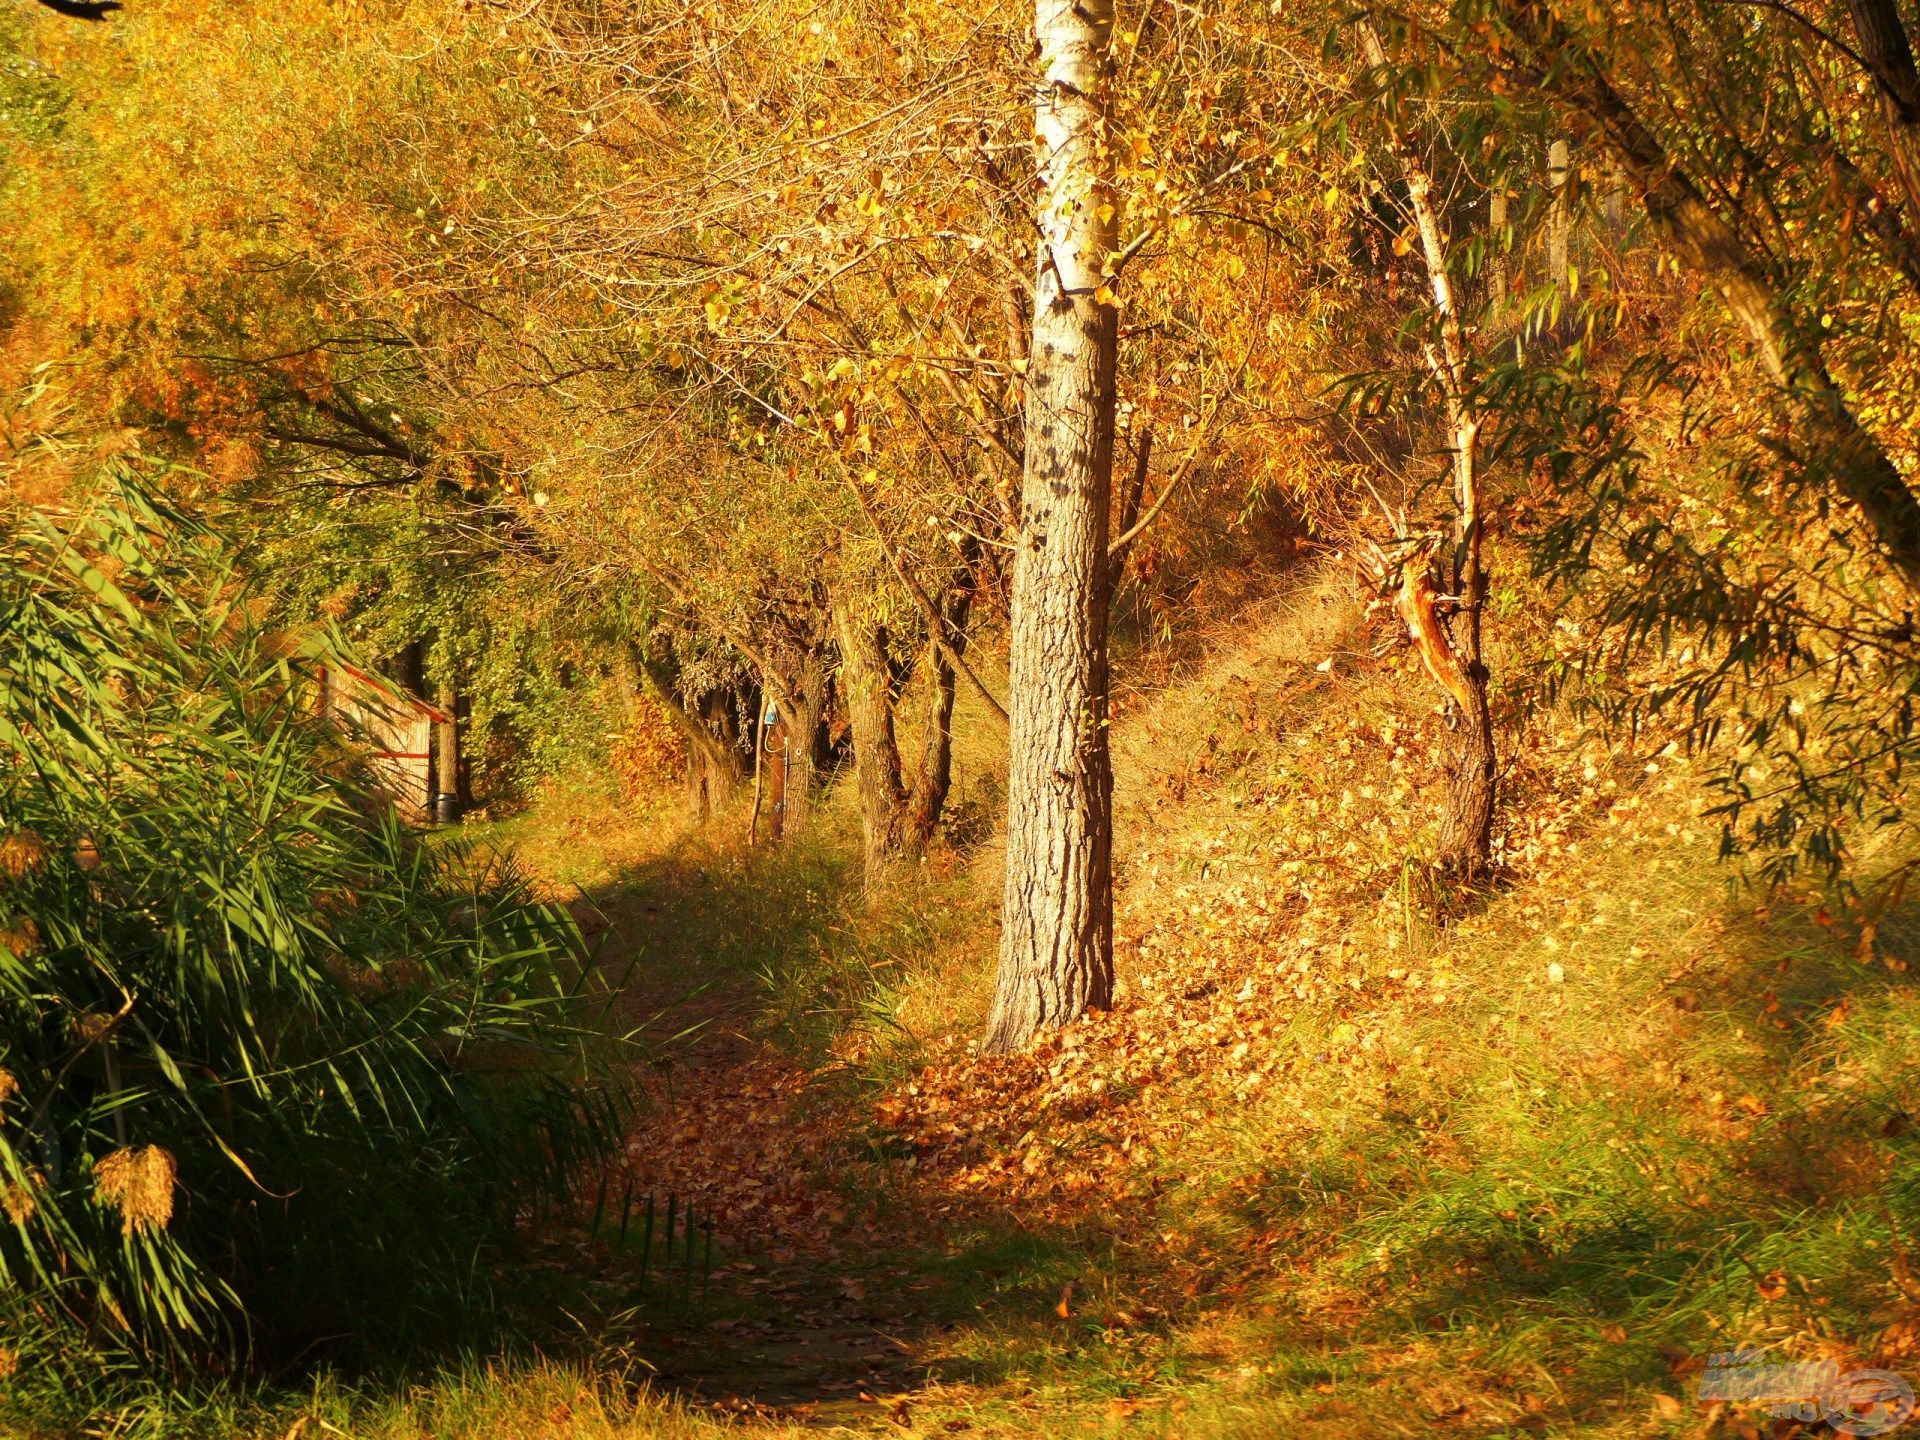 Szeretem az őszt, ilyenkor csodaszép a természet